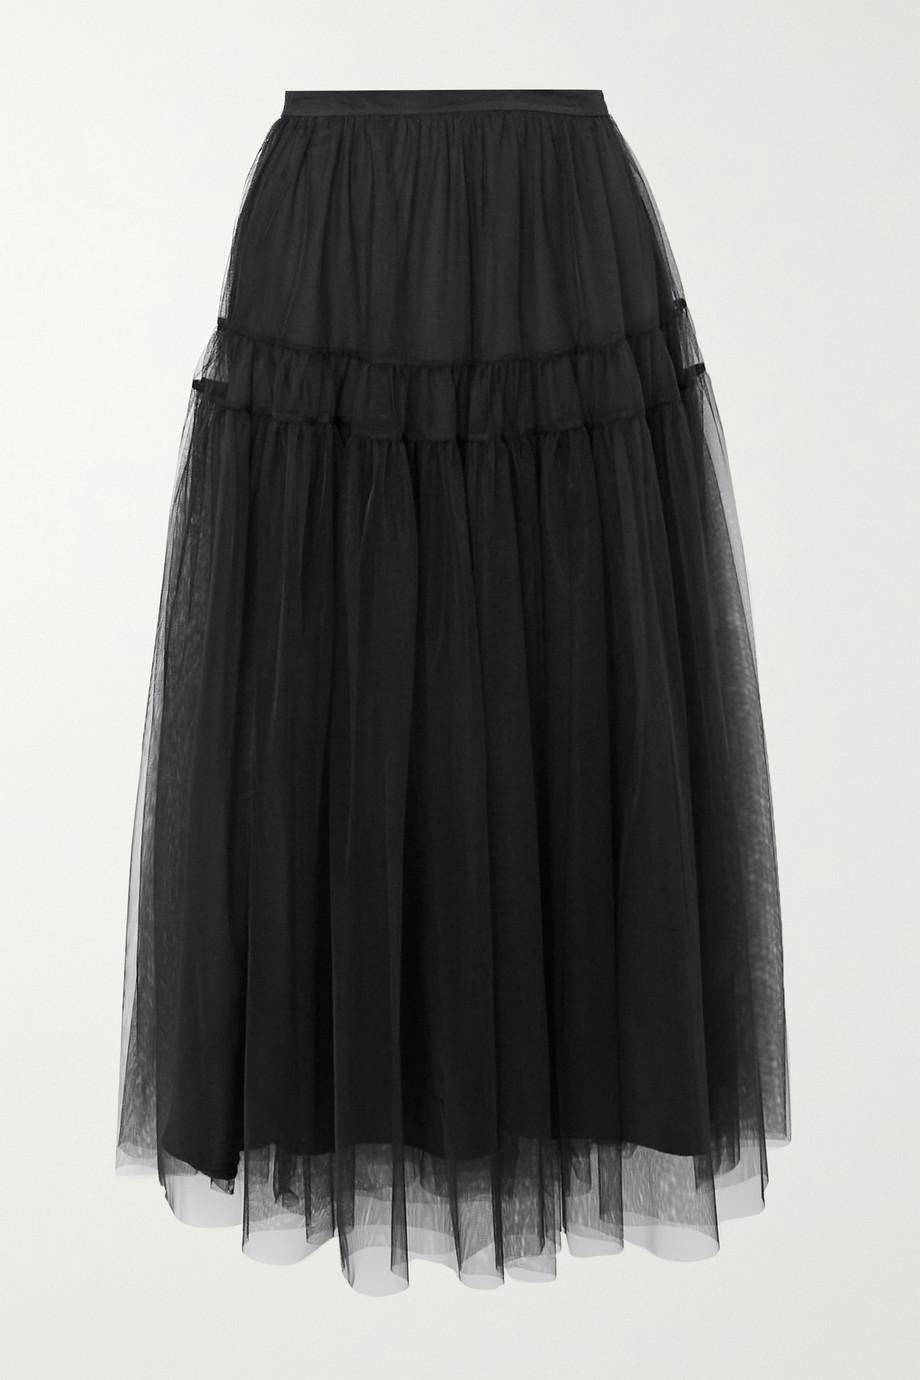 Molly Goddard Lottie tiered gathered tulle midi skirt